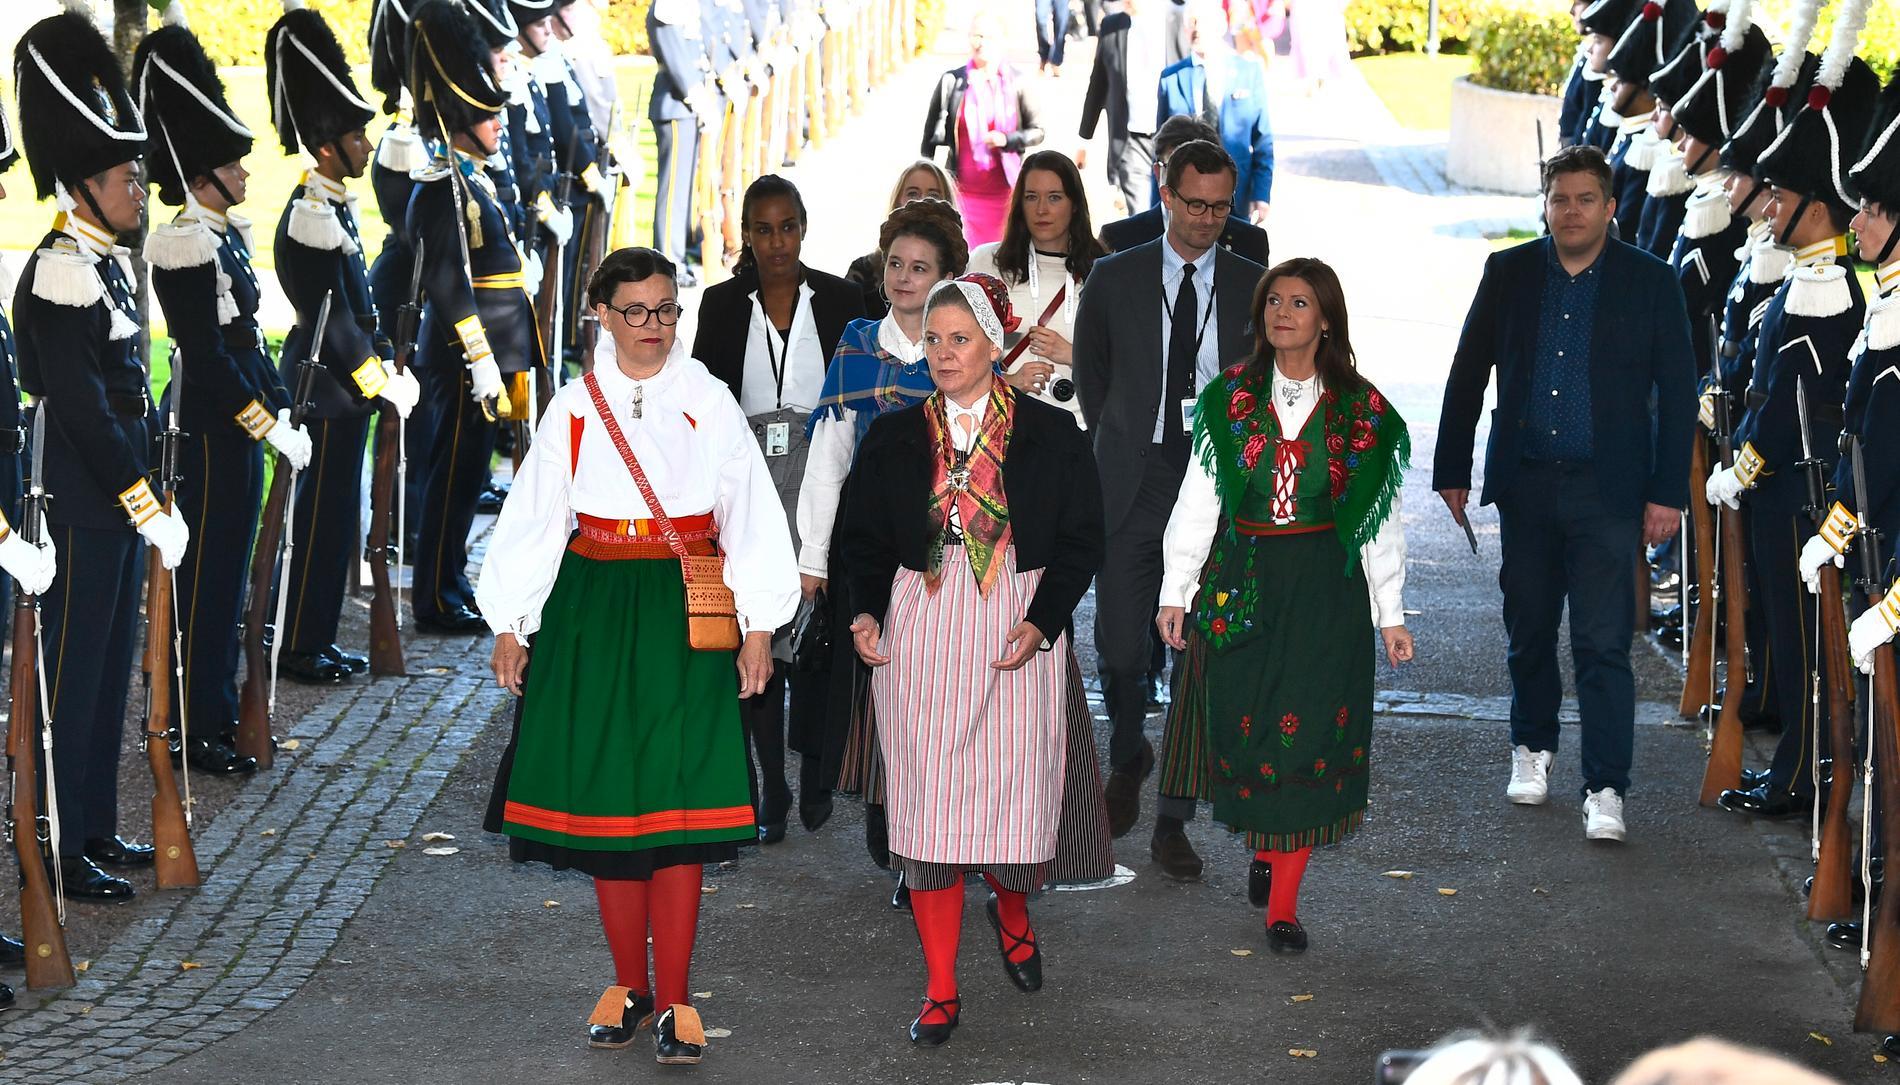 Ministrarna Anna Ekström, Magdalena Andersson, Eva Nordmark och Amanda Lind anländer till riksmötets öppnande i folkdräkt.